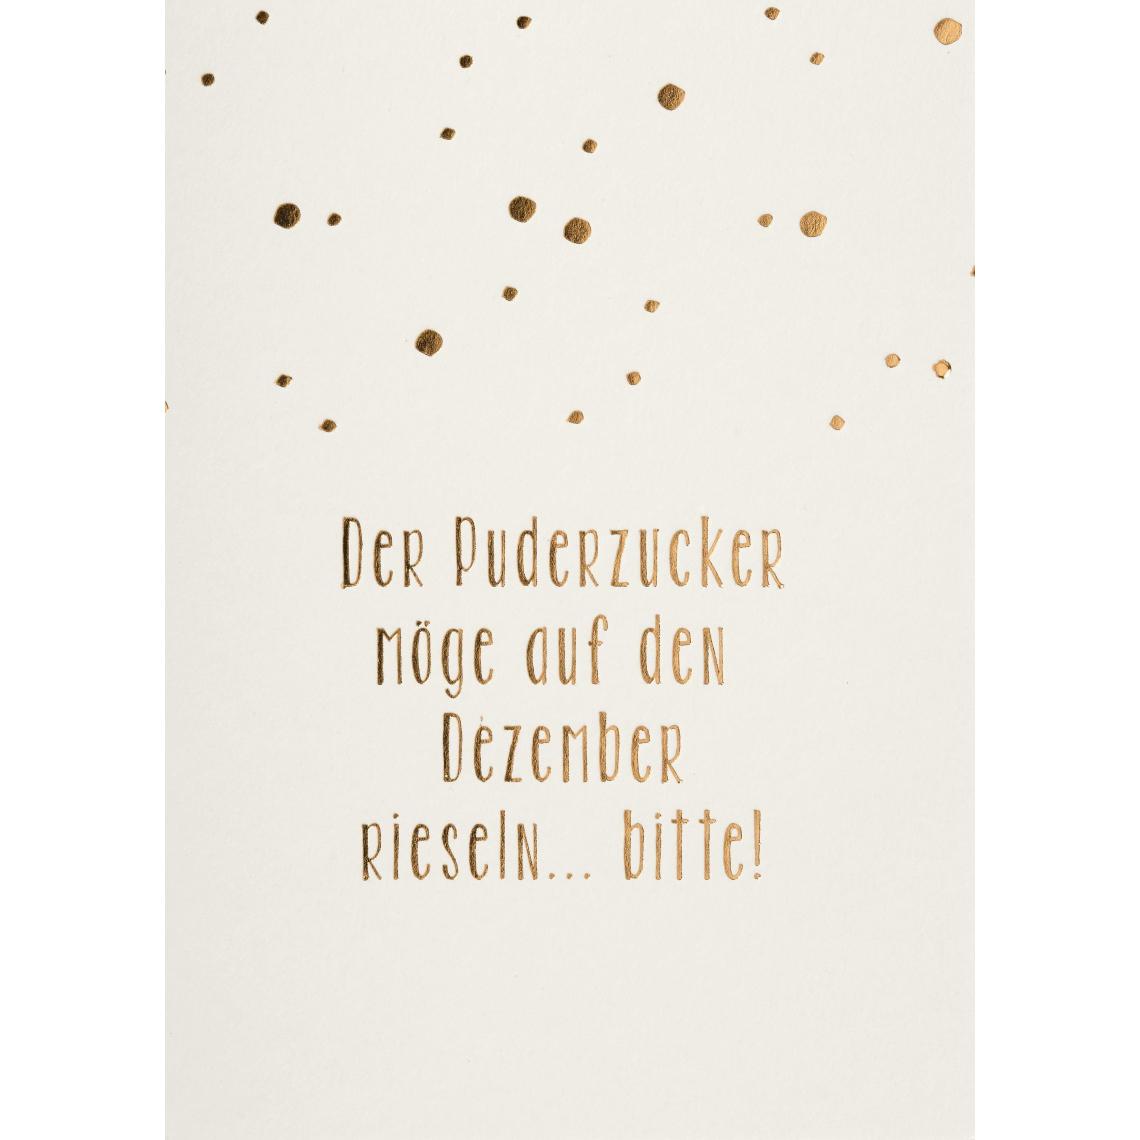 """Weihnachtspostkarte """"Der Puderzucker möge auf den Dezember rieseln ... Bitte!"""" - räder (Xmas)"""